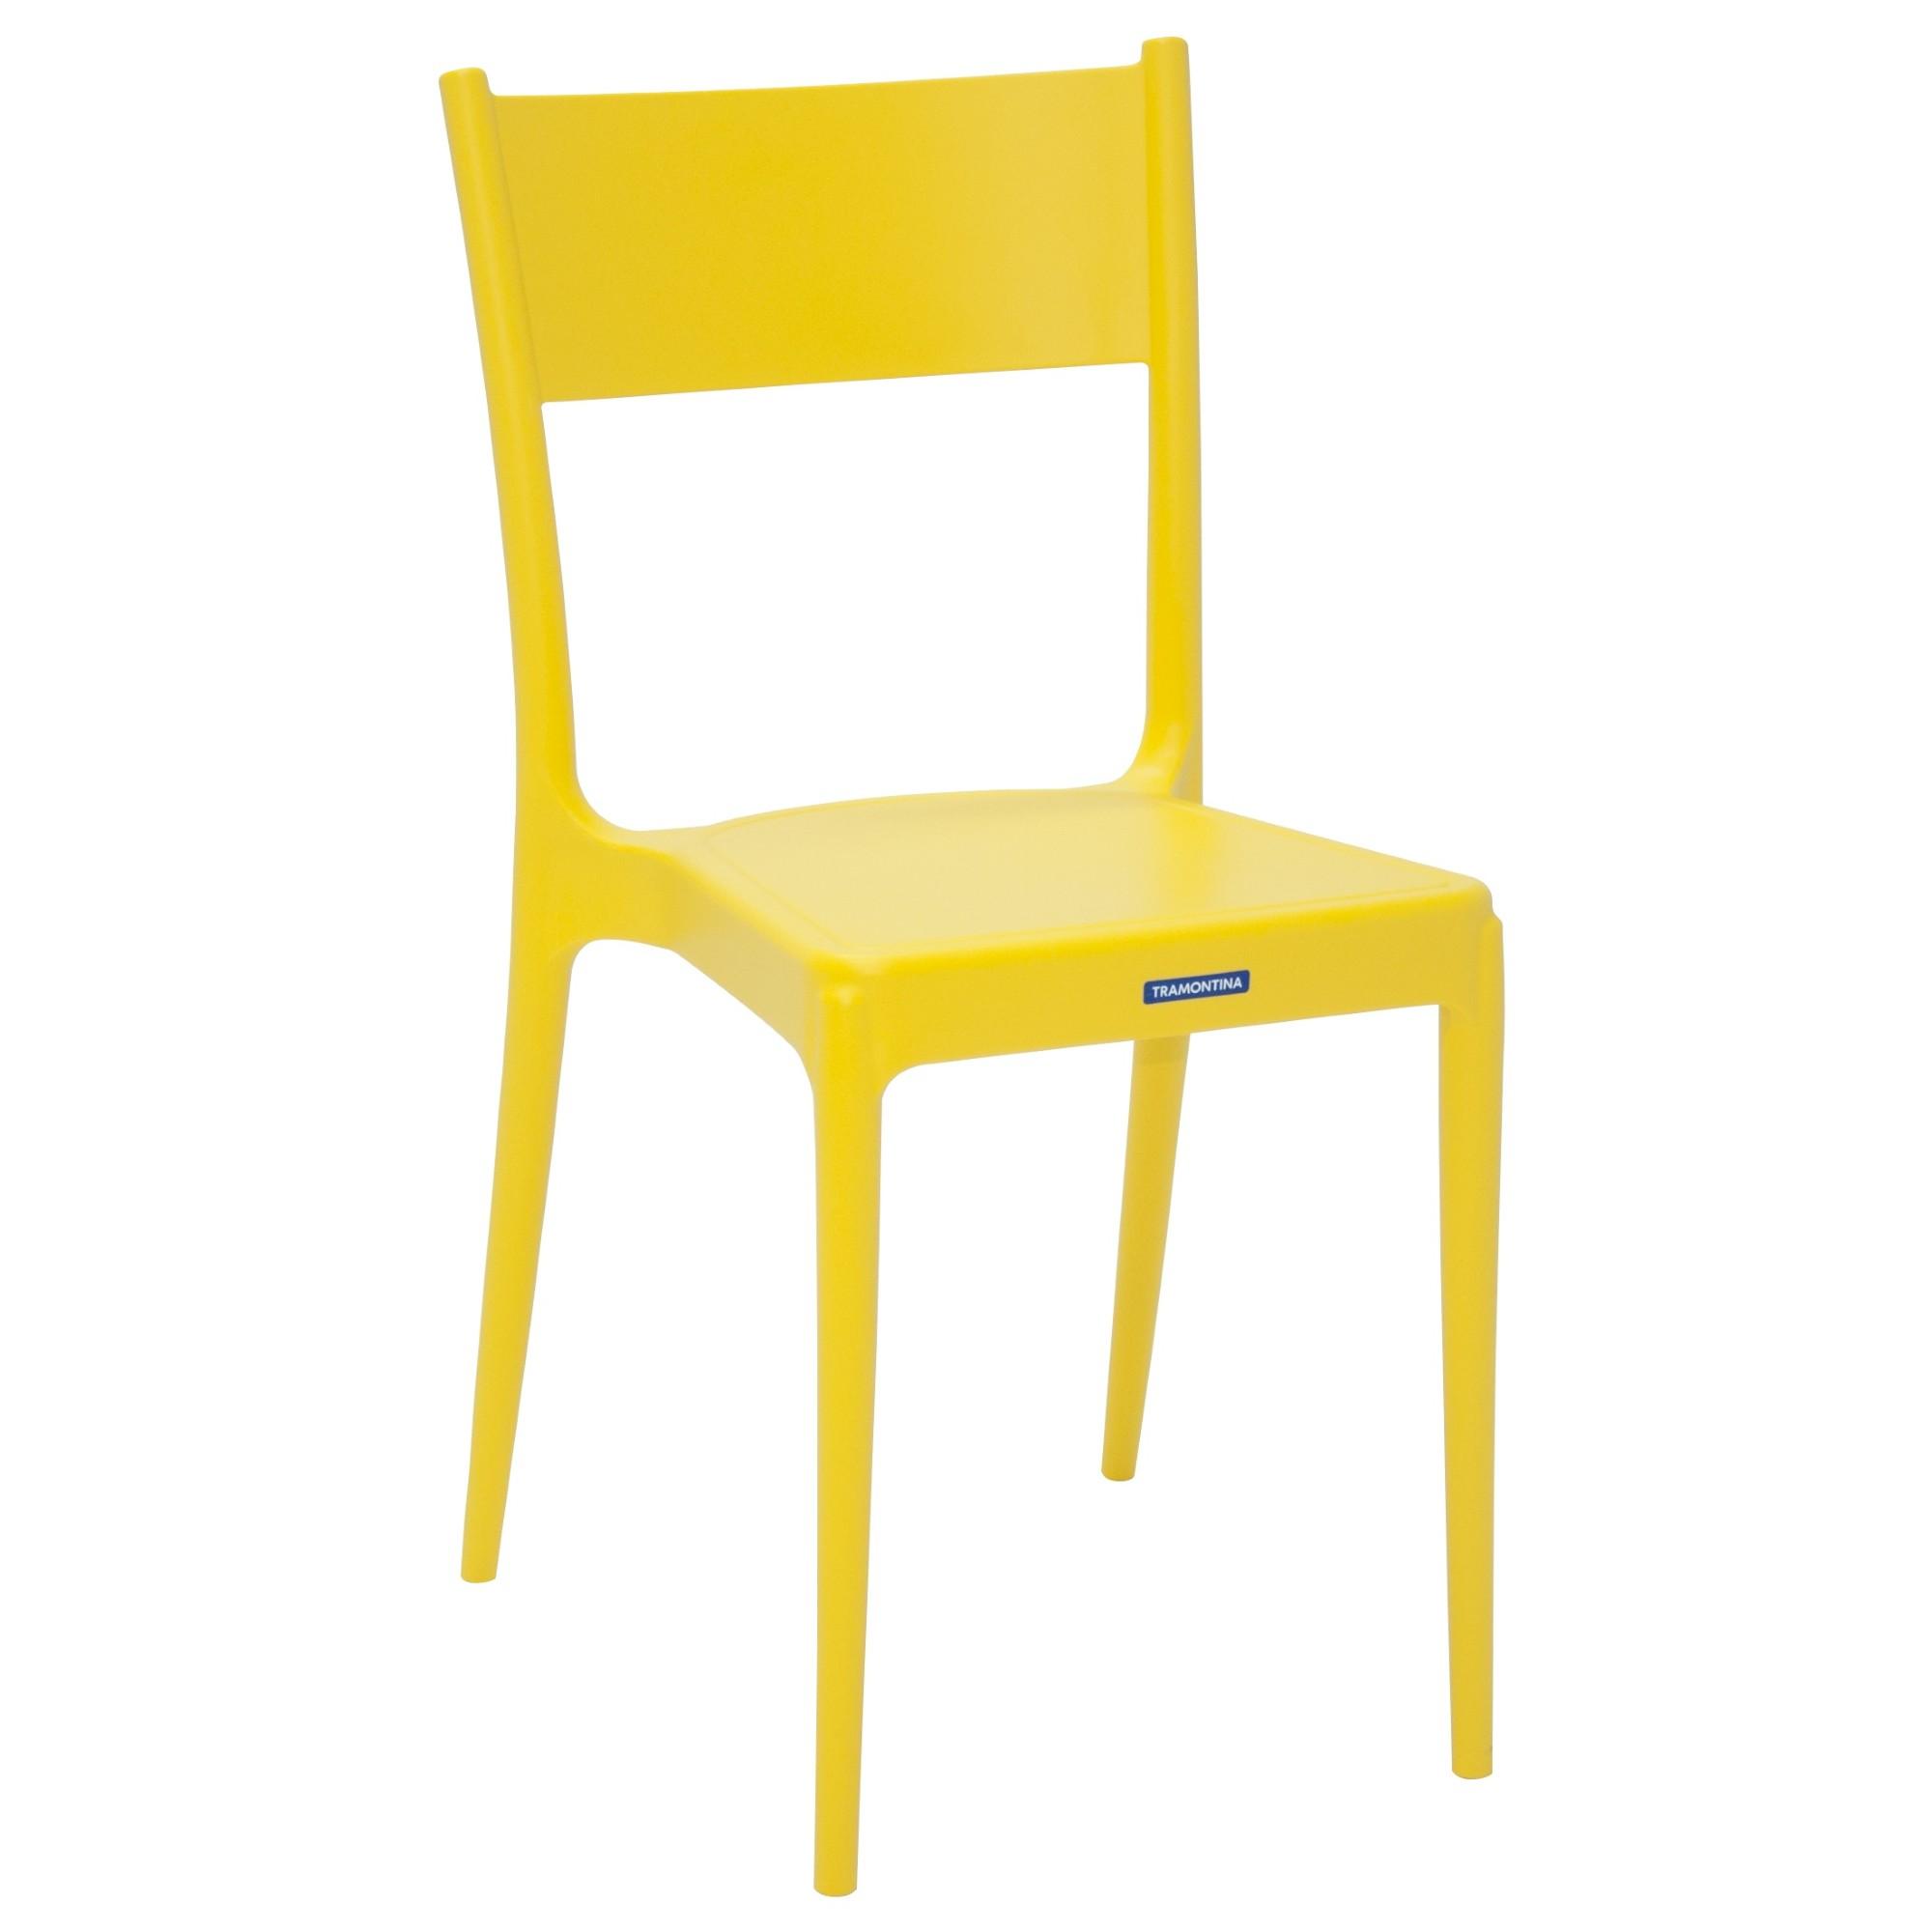 Cadeira Tramontina Amarela Diana em Polipropileno com Encosto